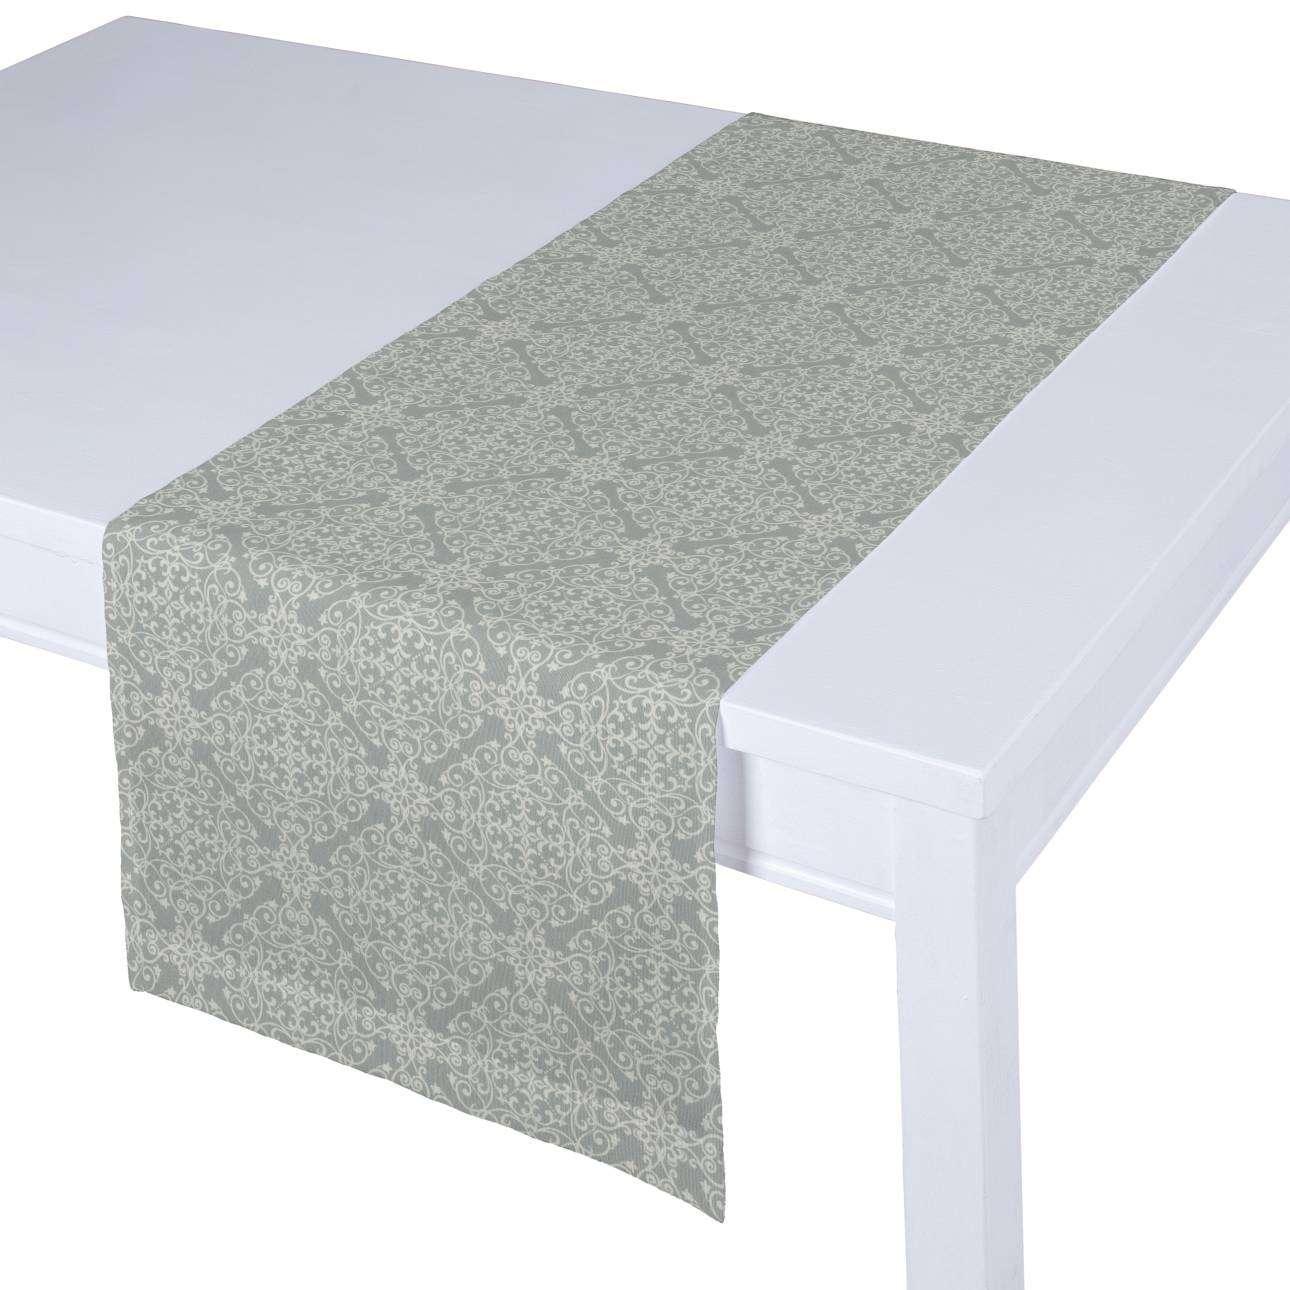 Rechteckiger Tischläufer 40 x 130 cm von der Kollektion Flowers/Luna, Stoff: 140-38